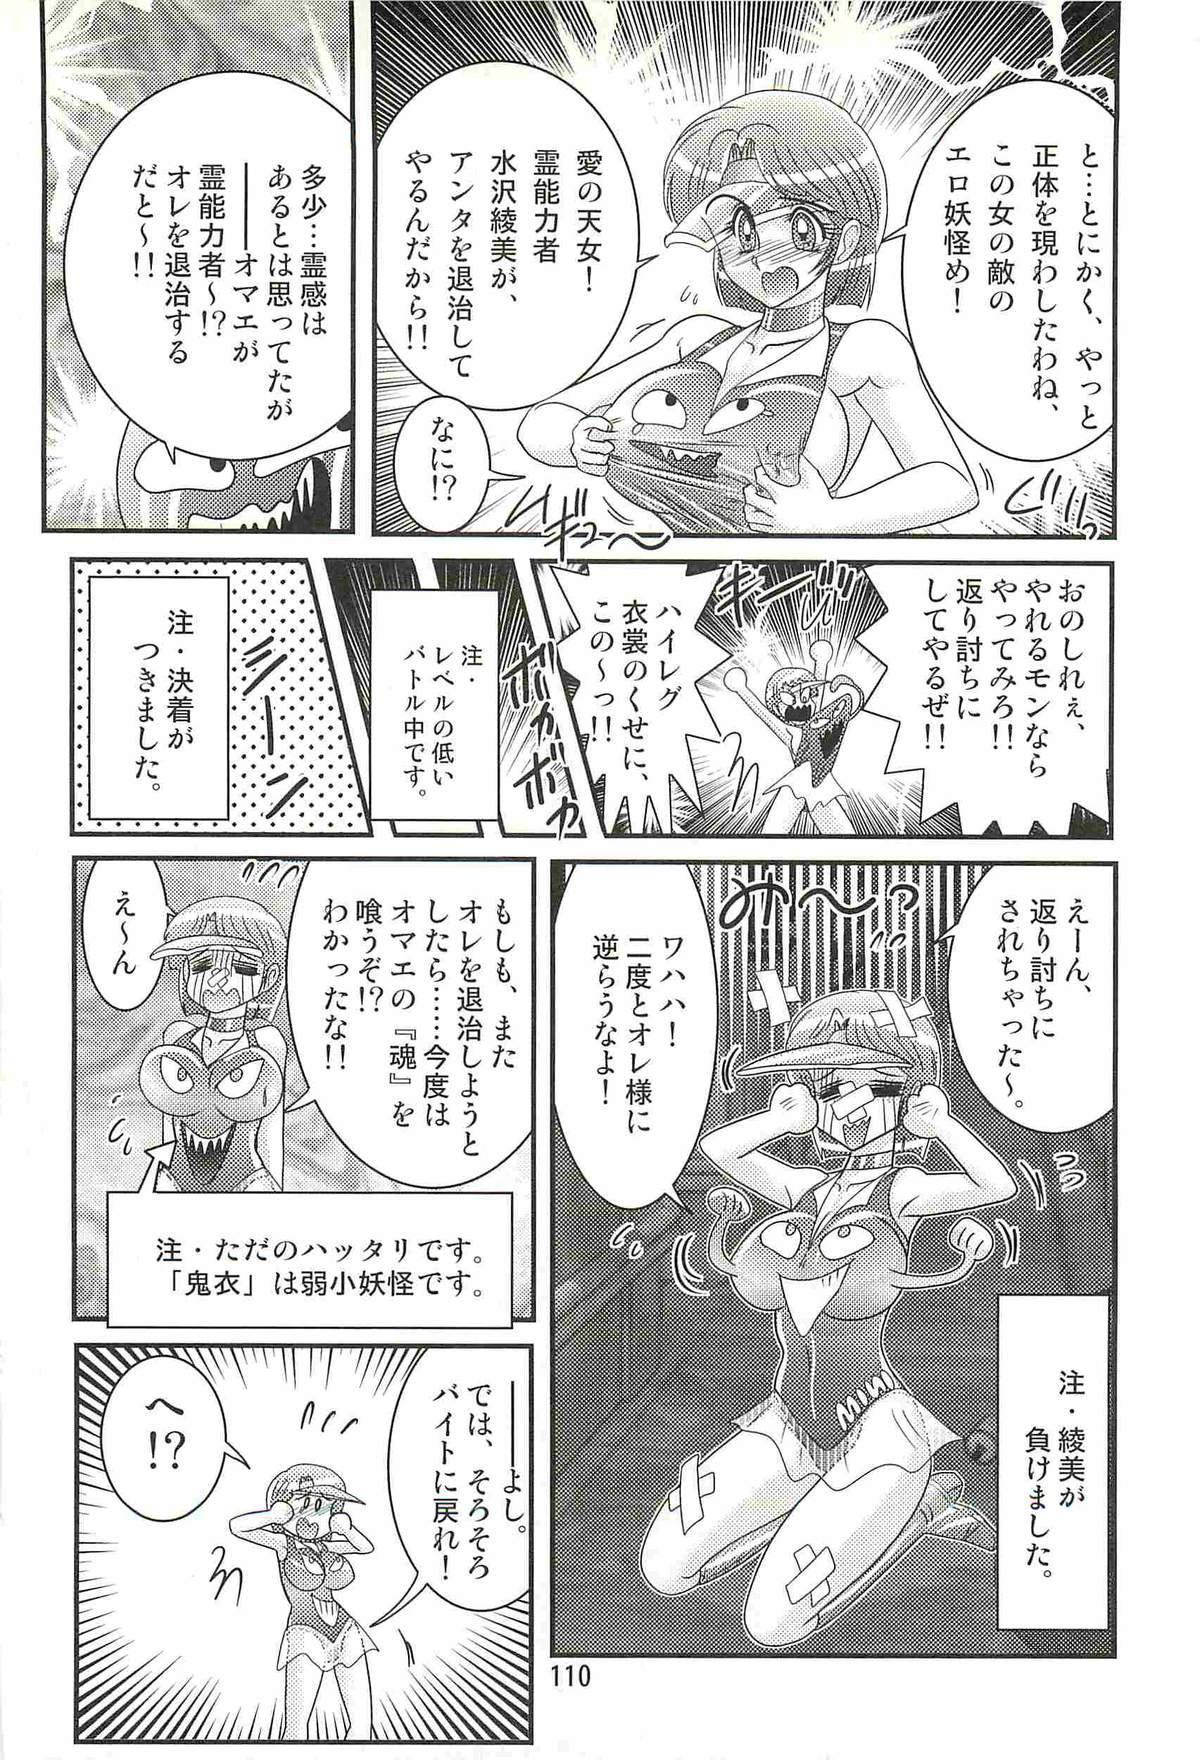 Seirei Tokusou Fairy Saber W - Undead Rape 113